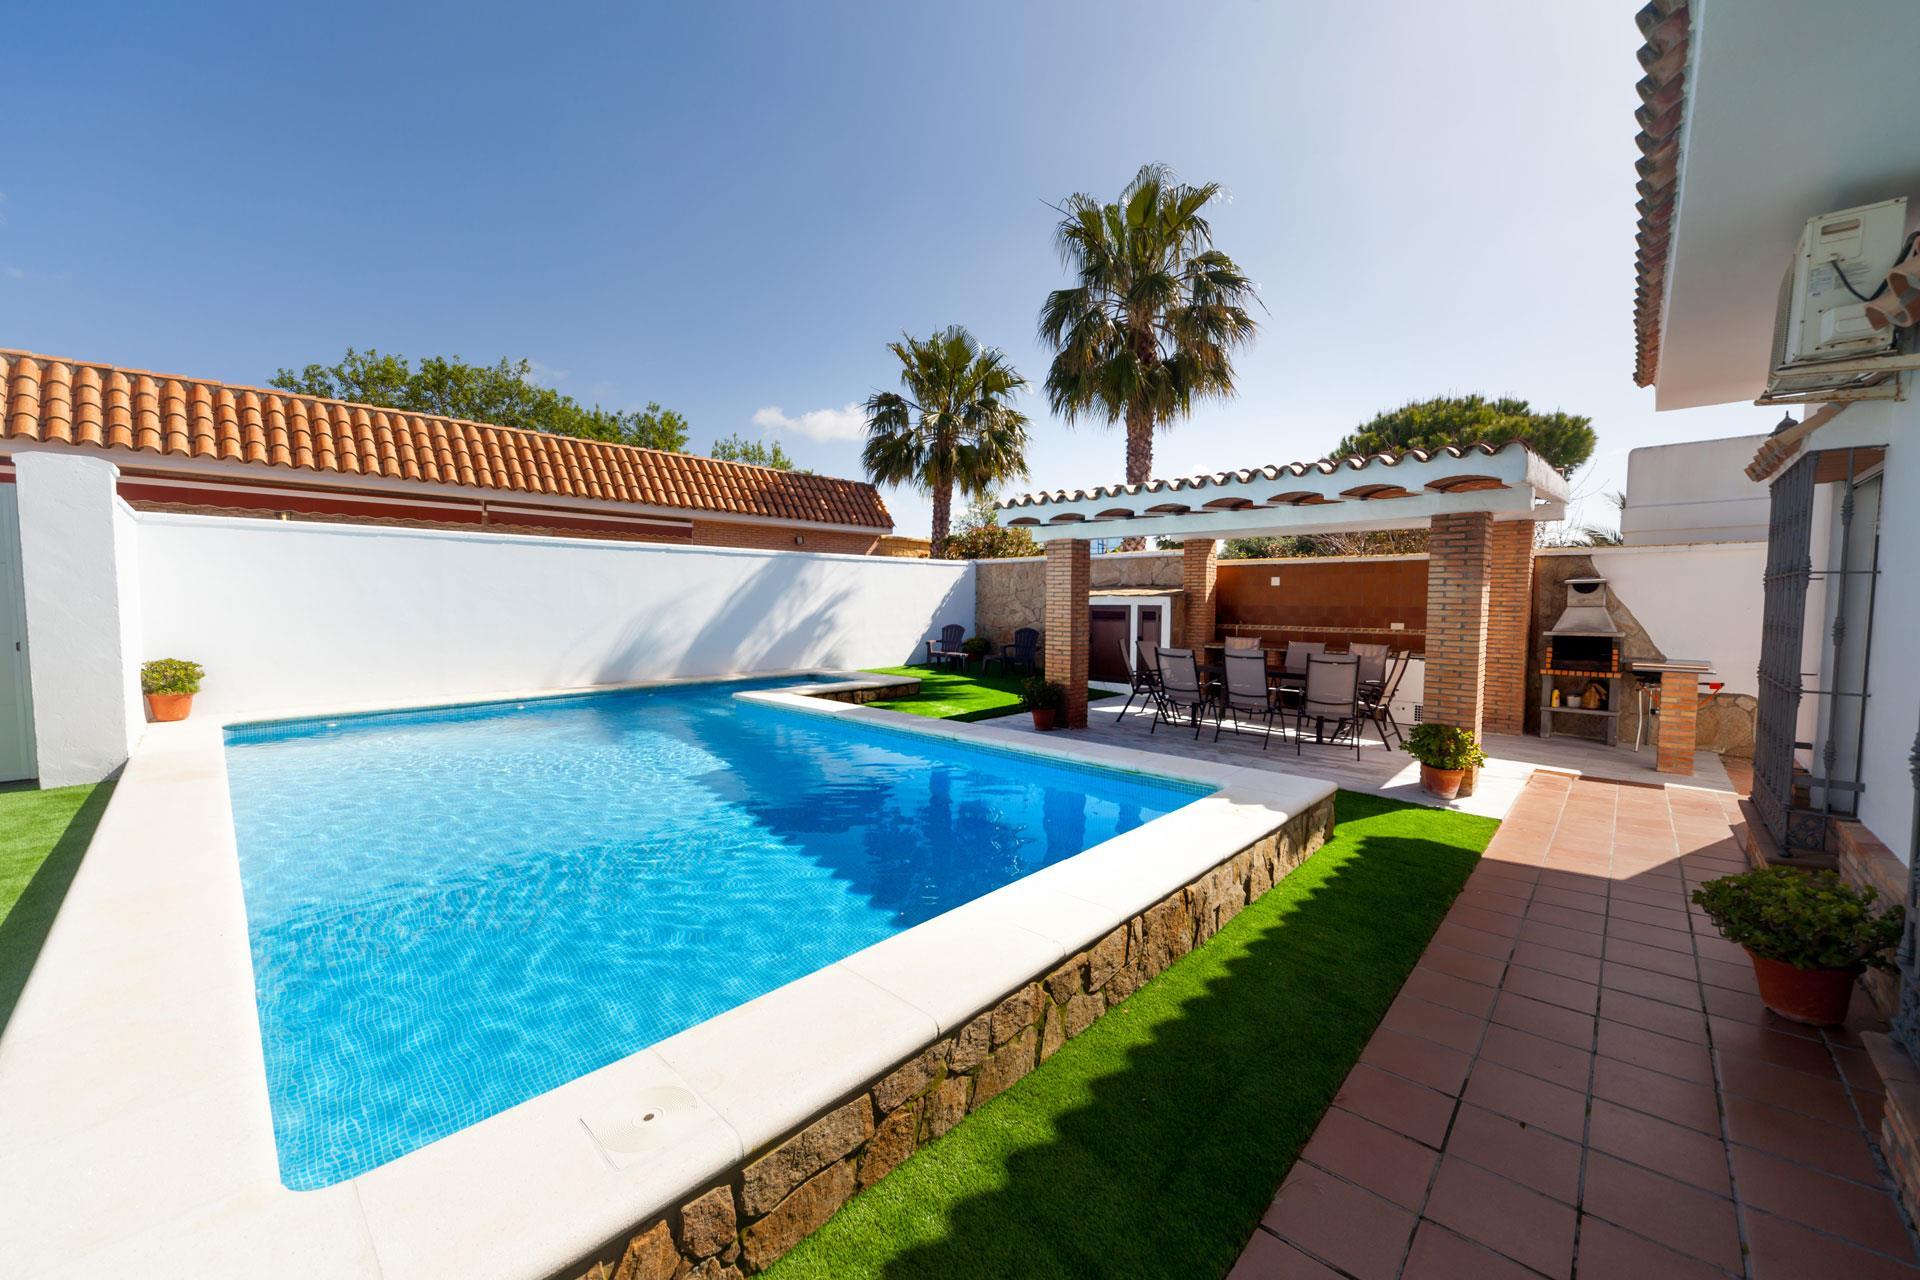 El Molino,Villa confortable  con piscina privada en Chiclana de la Frontera, Andalucía, España para 10 personas.....